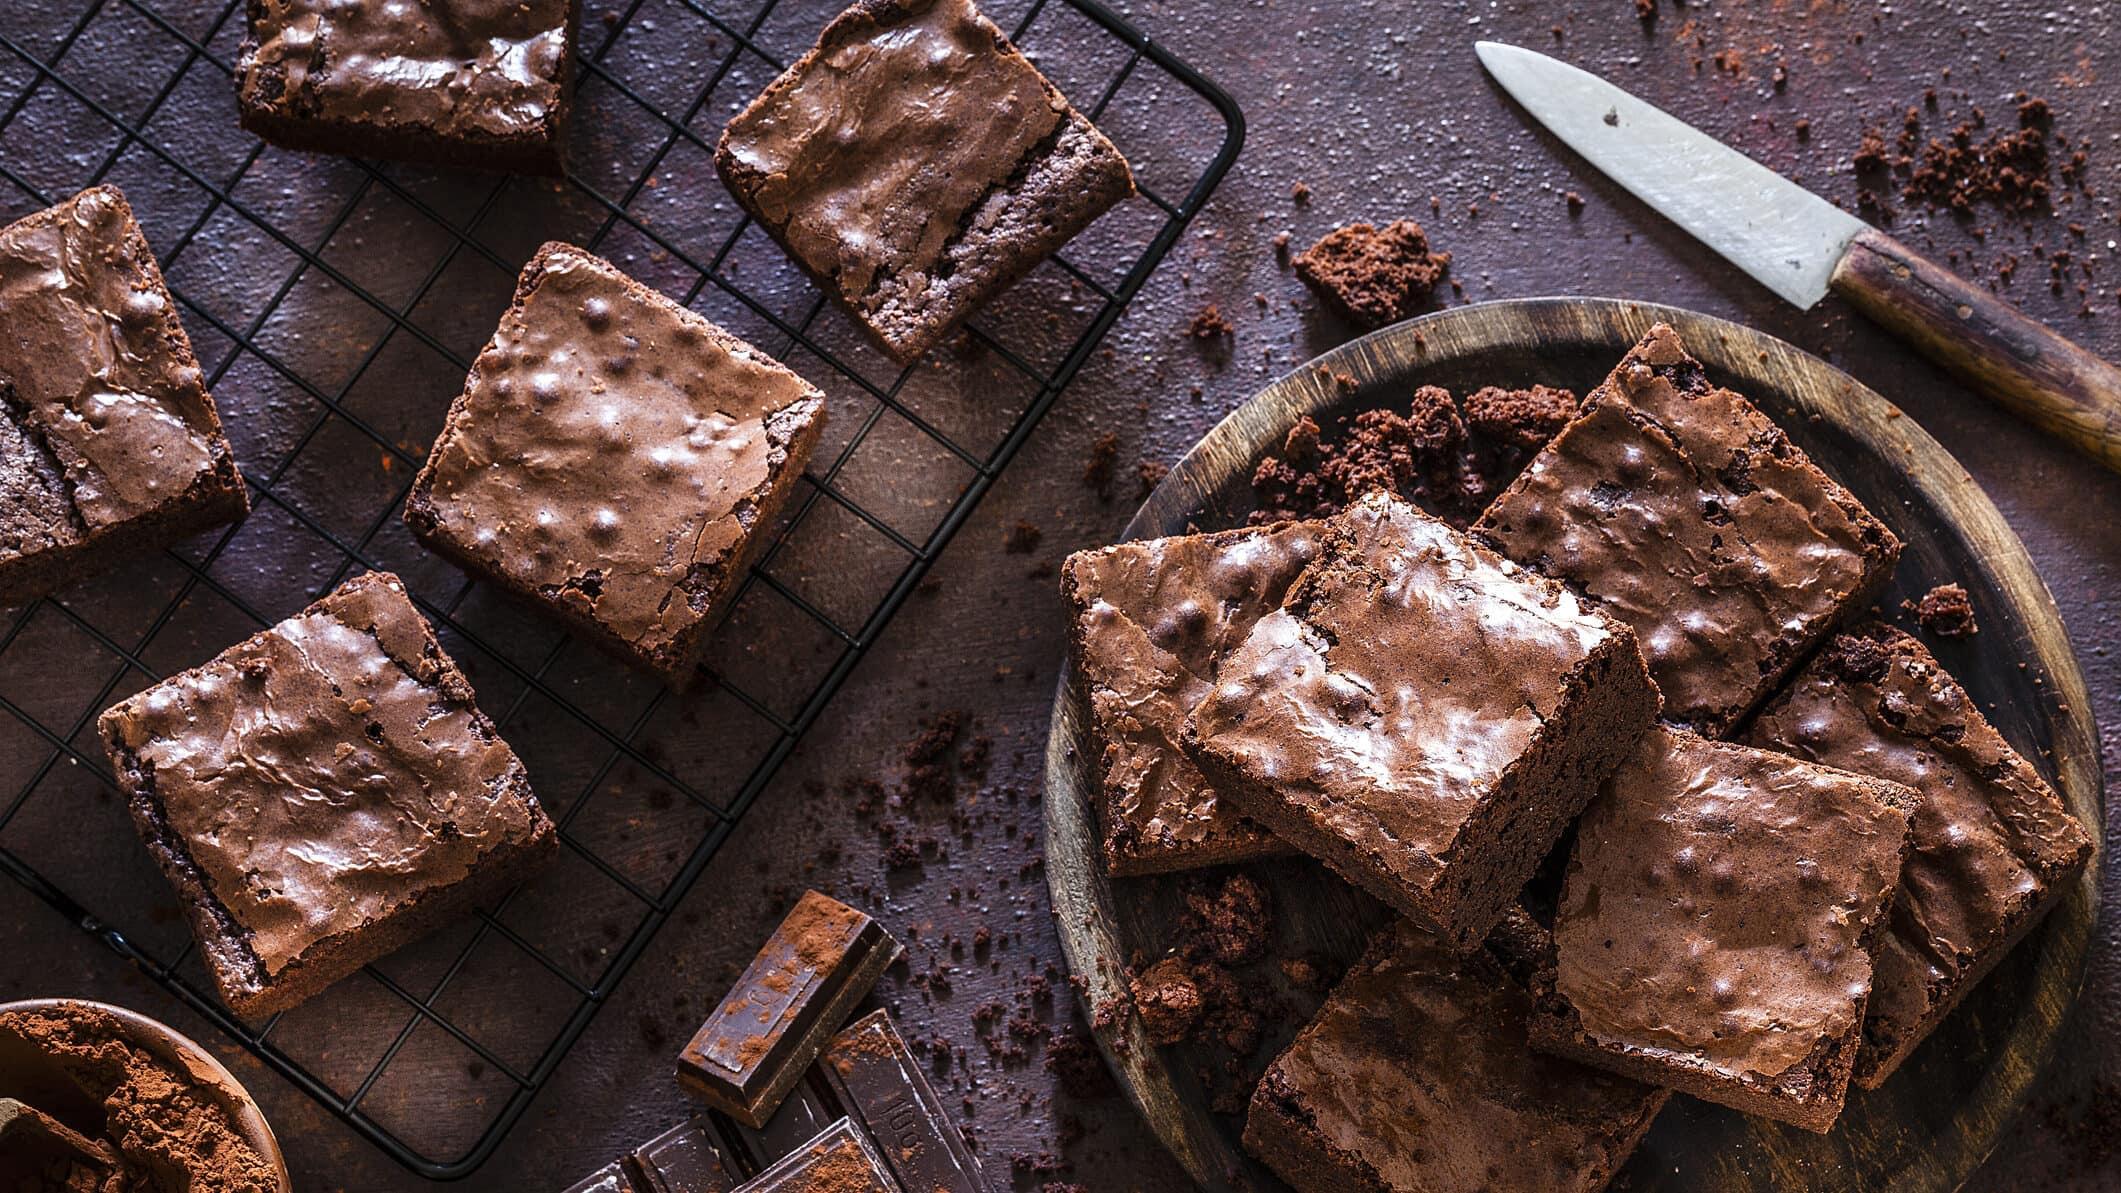 Ein Kuchengitter und rundes Holzbrett mit Süßkartoffel-Brownies in der Draufsicht. Daneben liegen ein Messer und Schokolade.